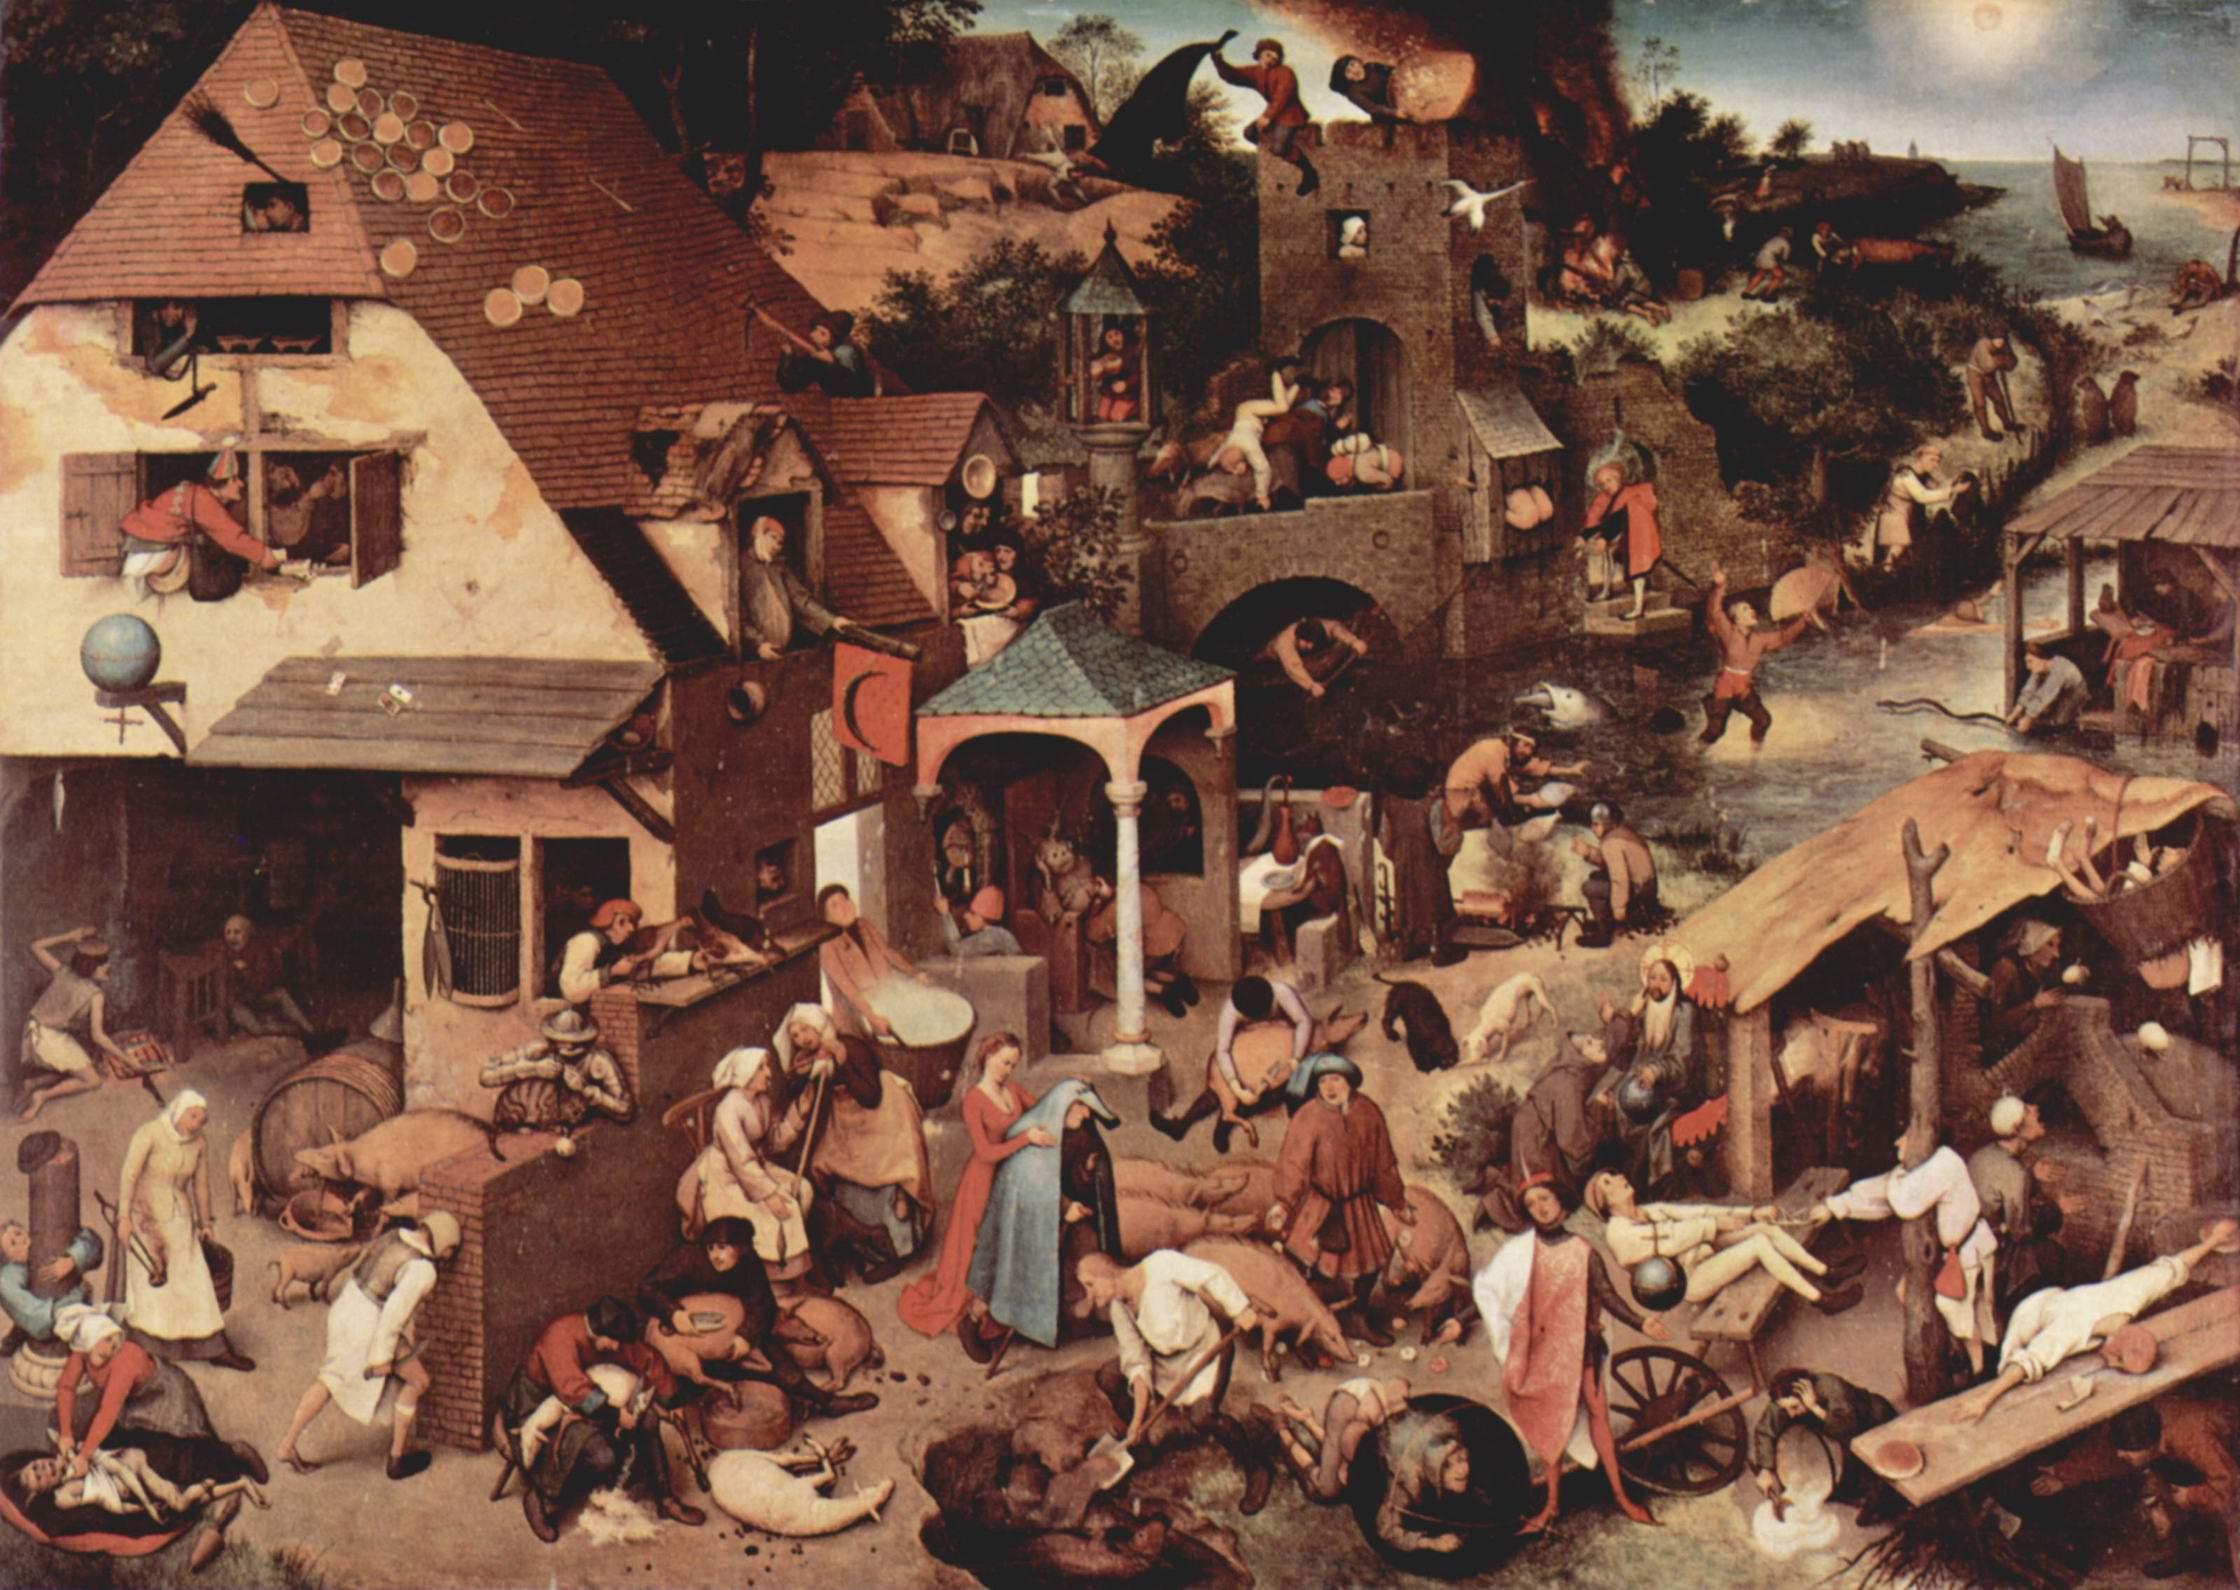 Серия так называемых лубочных картин, нидерландские пословицы, Брейгель Питер